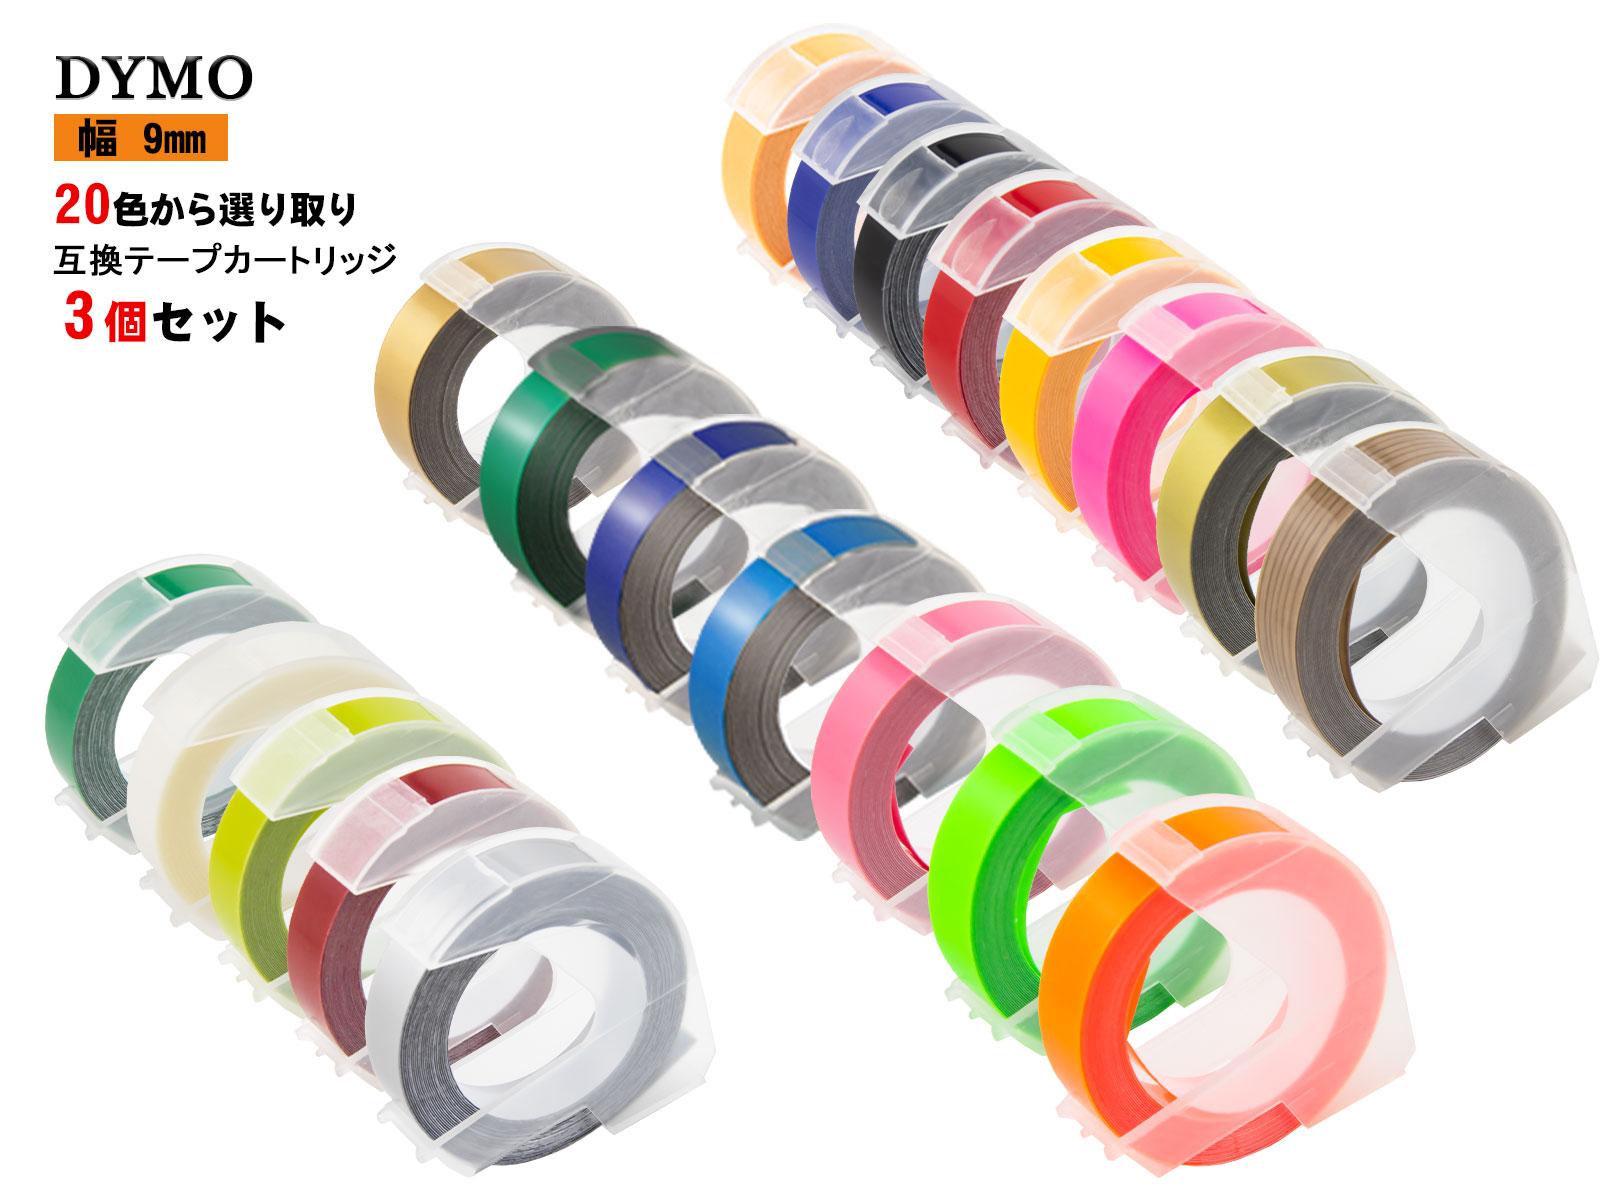 幅 9mm お名前シール マイラベル ダイモ Dymo dymo テプラテープ 互換 長さ 3個セット マ 限定特価 メタリックカラー 3m グロッシーテープ 2年保証可能 17色 リフィルテープ テープ 送料無料新品 全